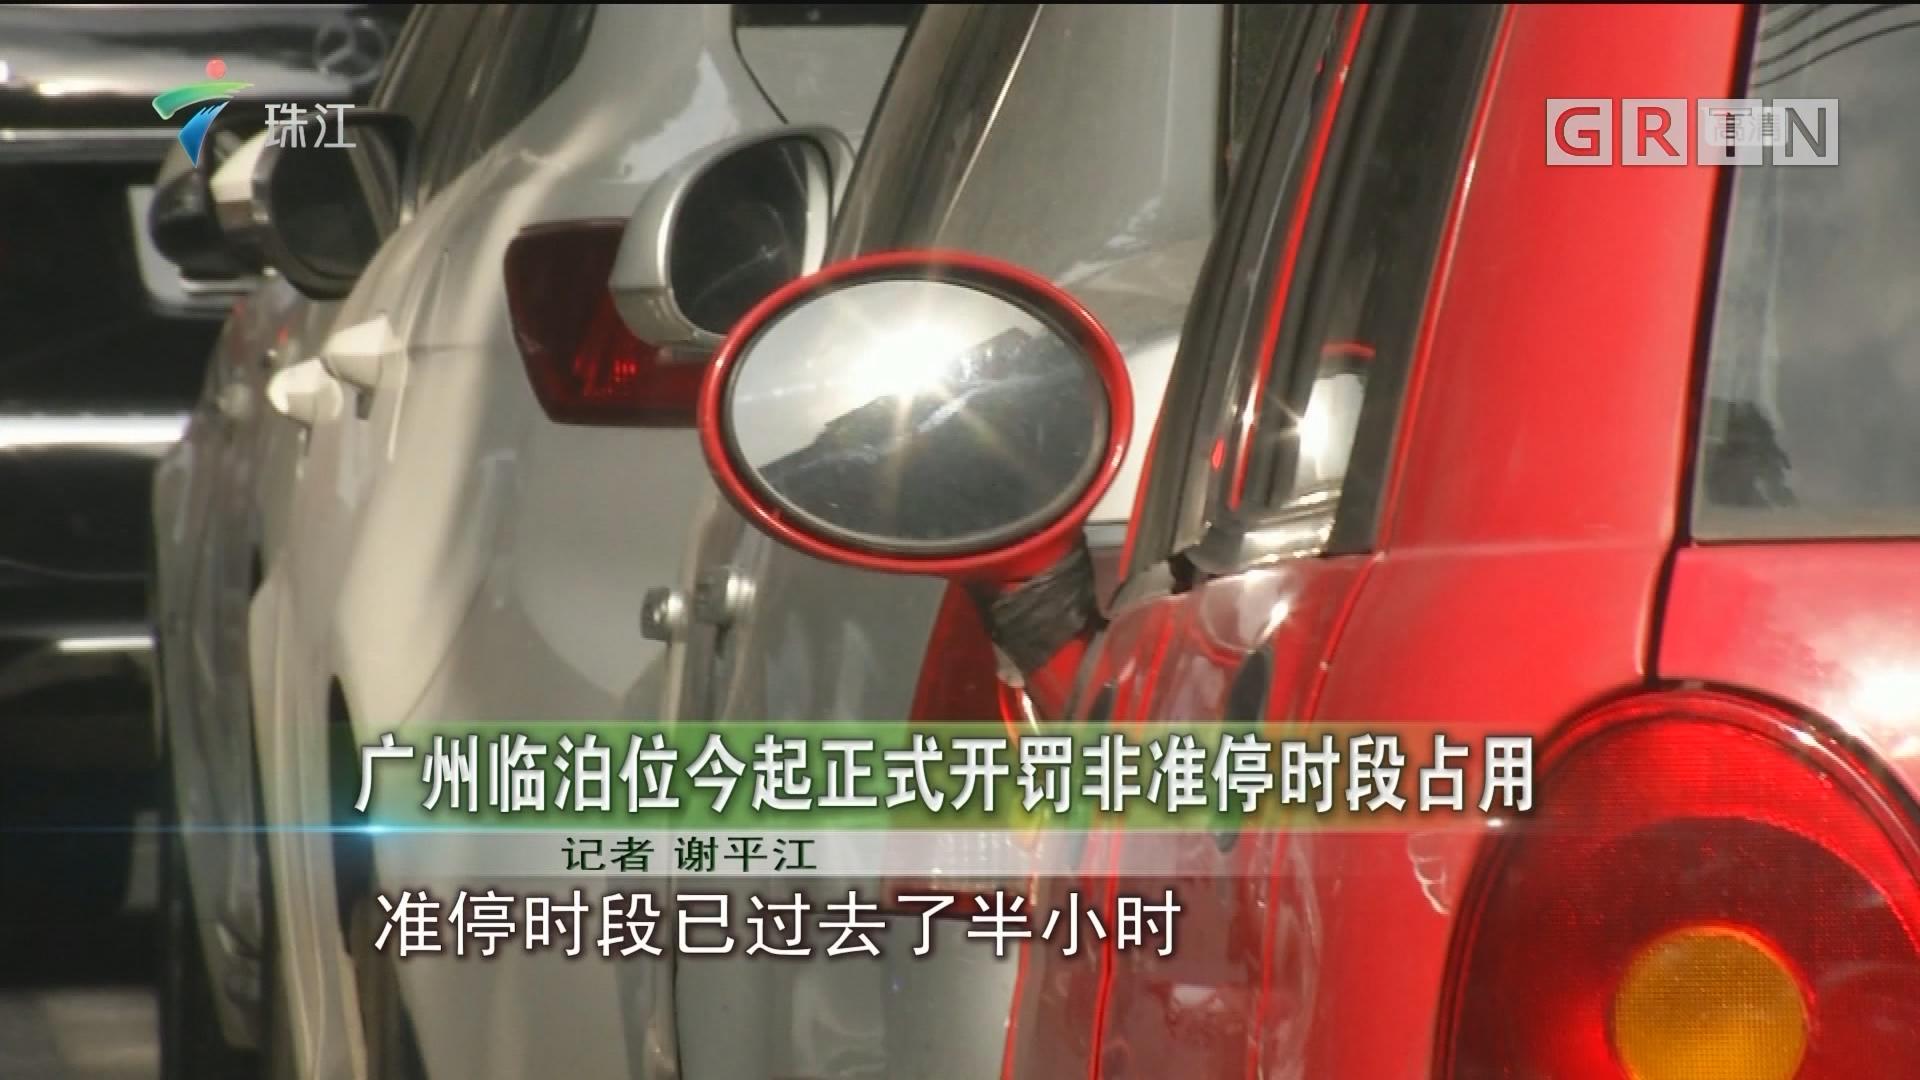 广州临泊位今起正式开罚非准停时段占用